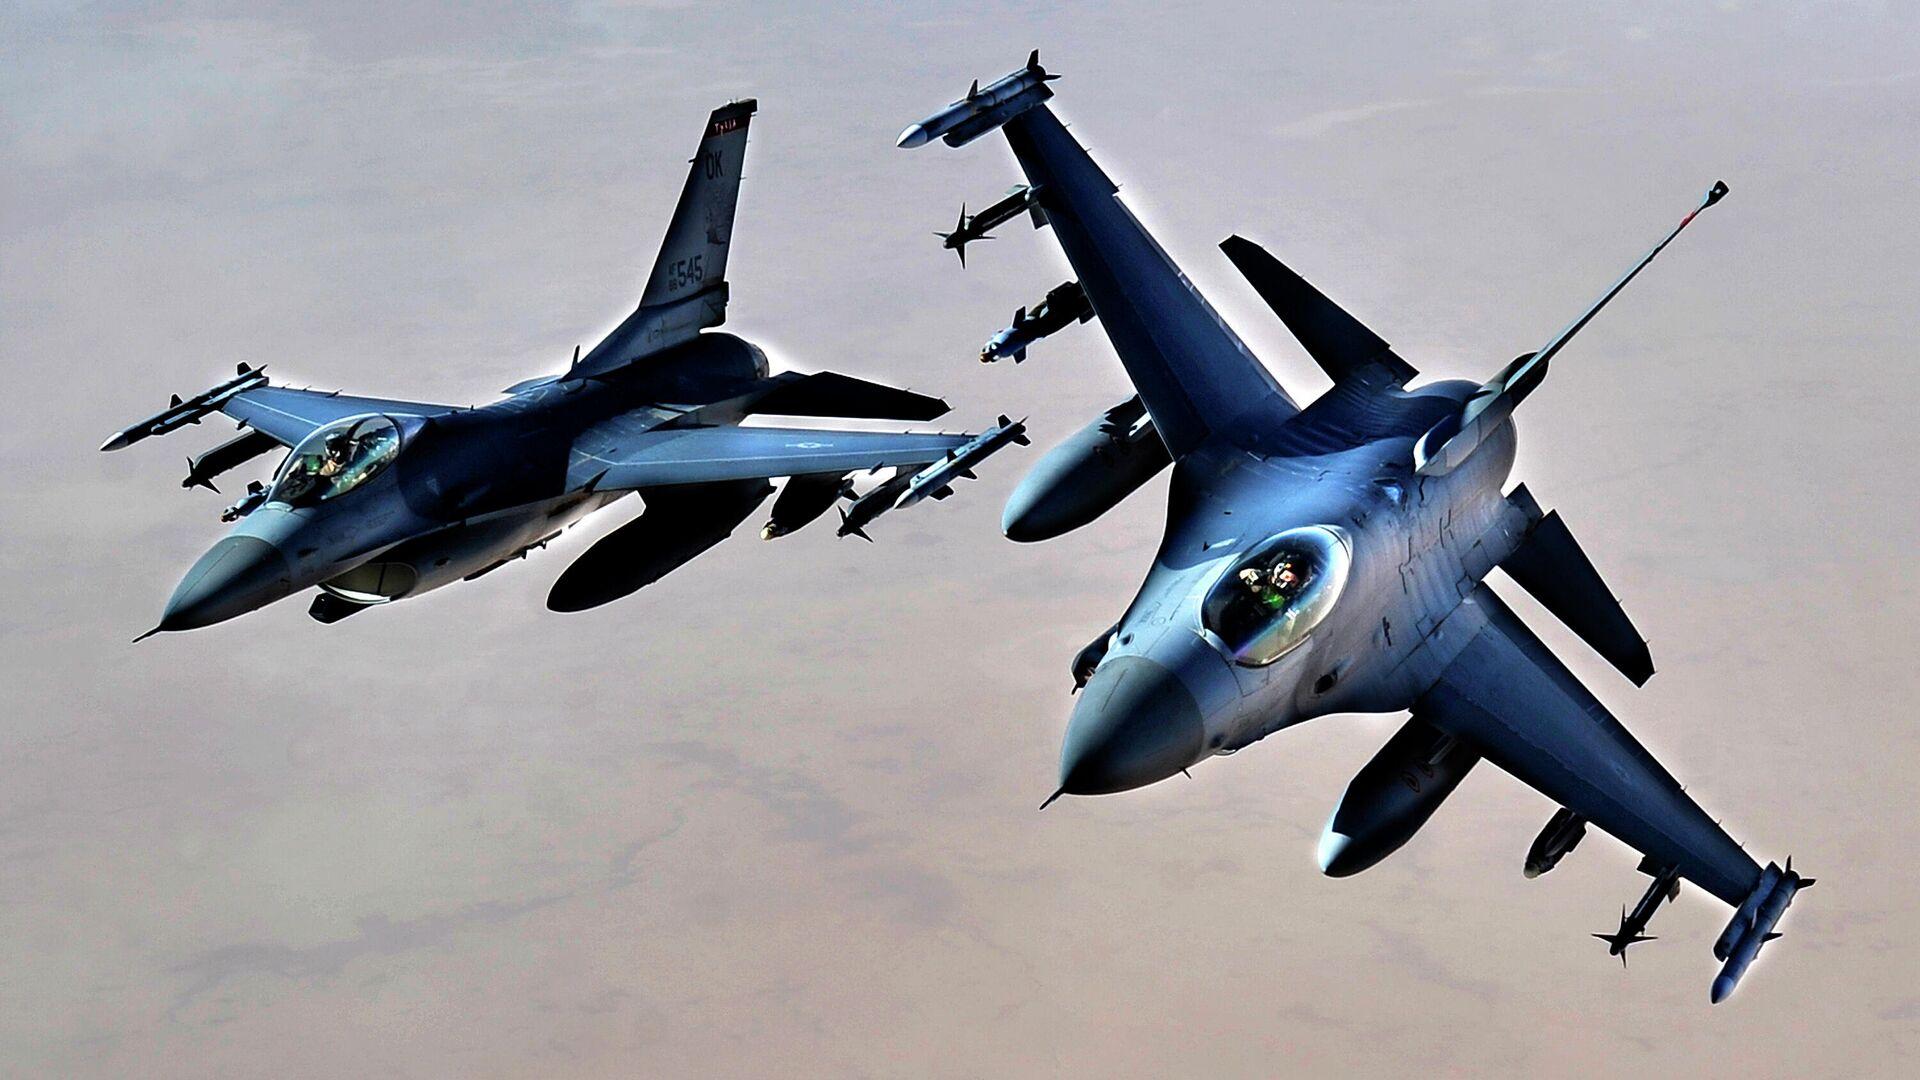 Истребители ВВС США F-16 над территорией Ирака - РИА Новости, 1920, 06.03.2021